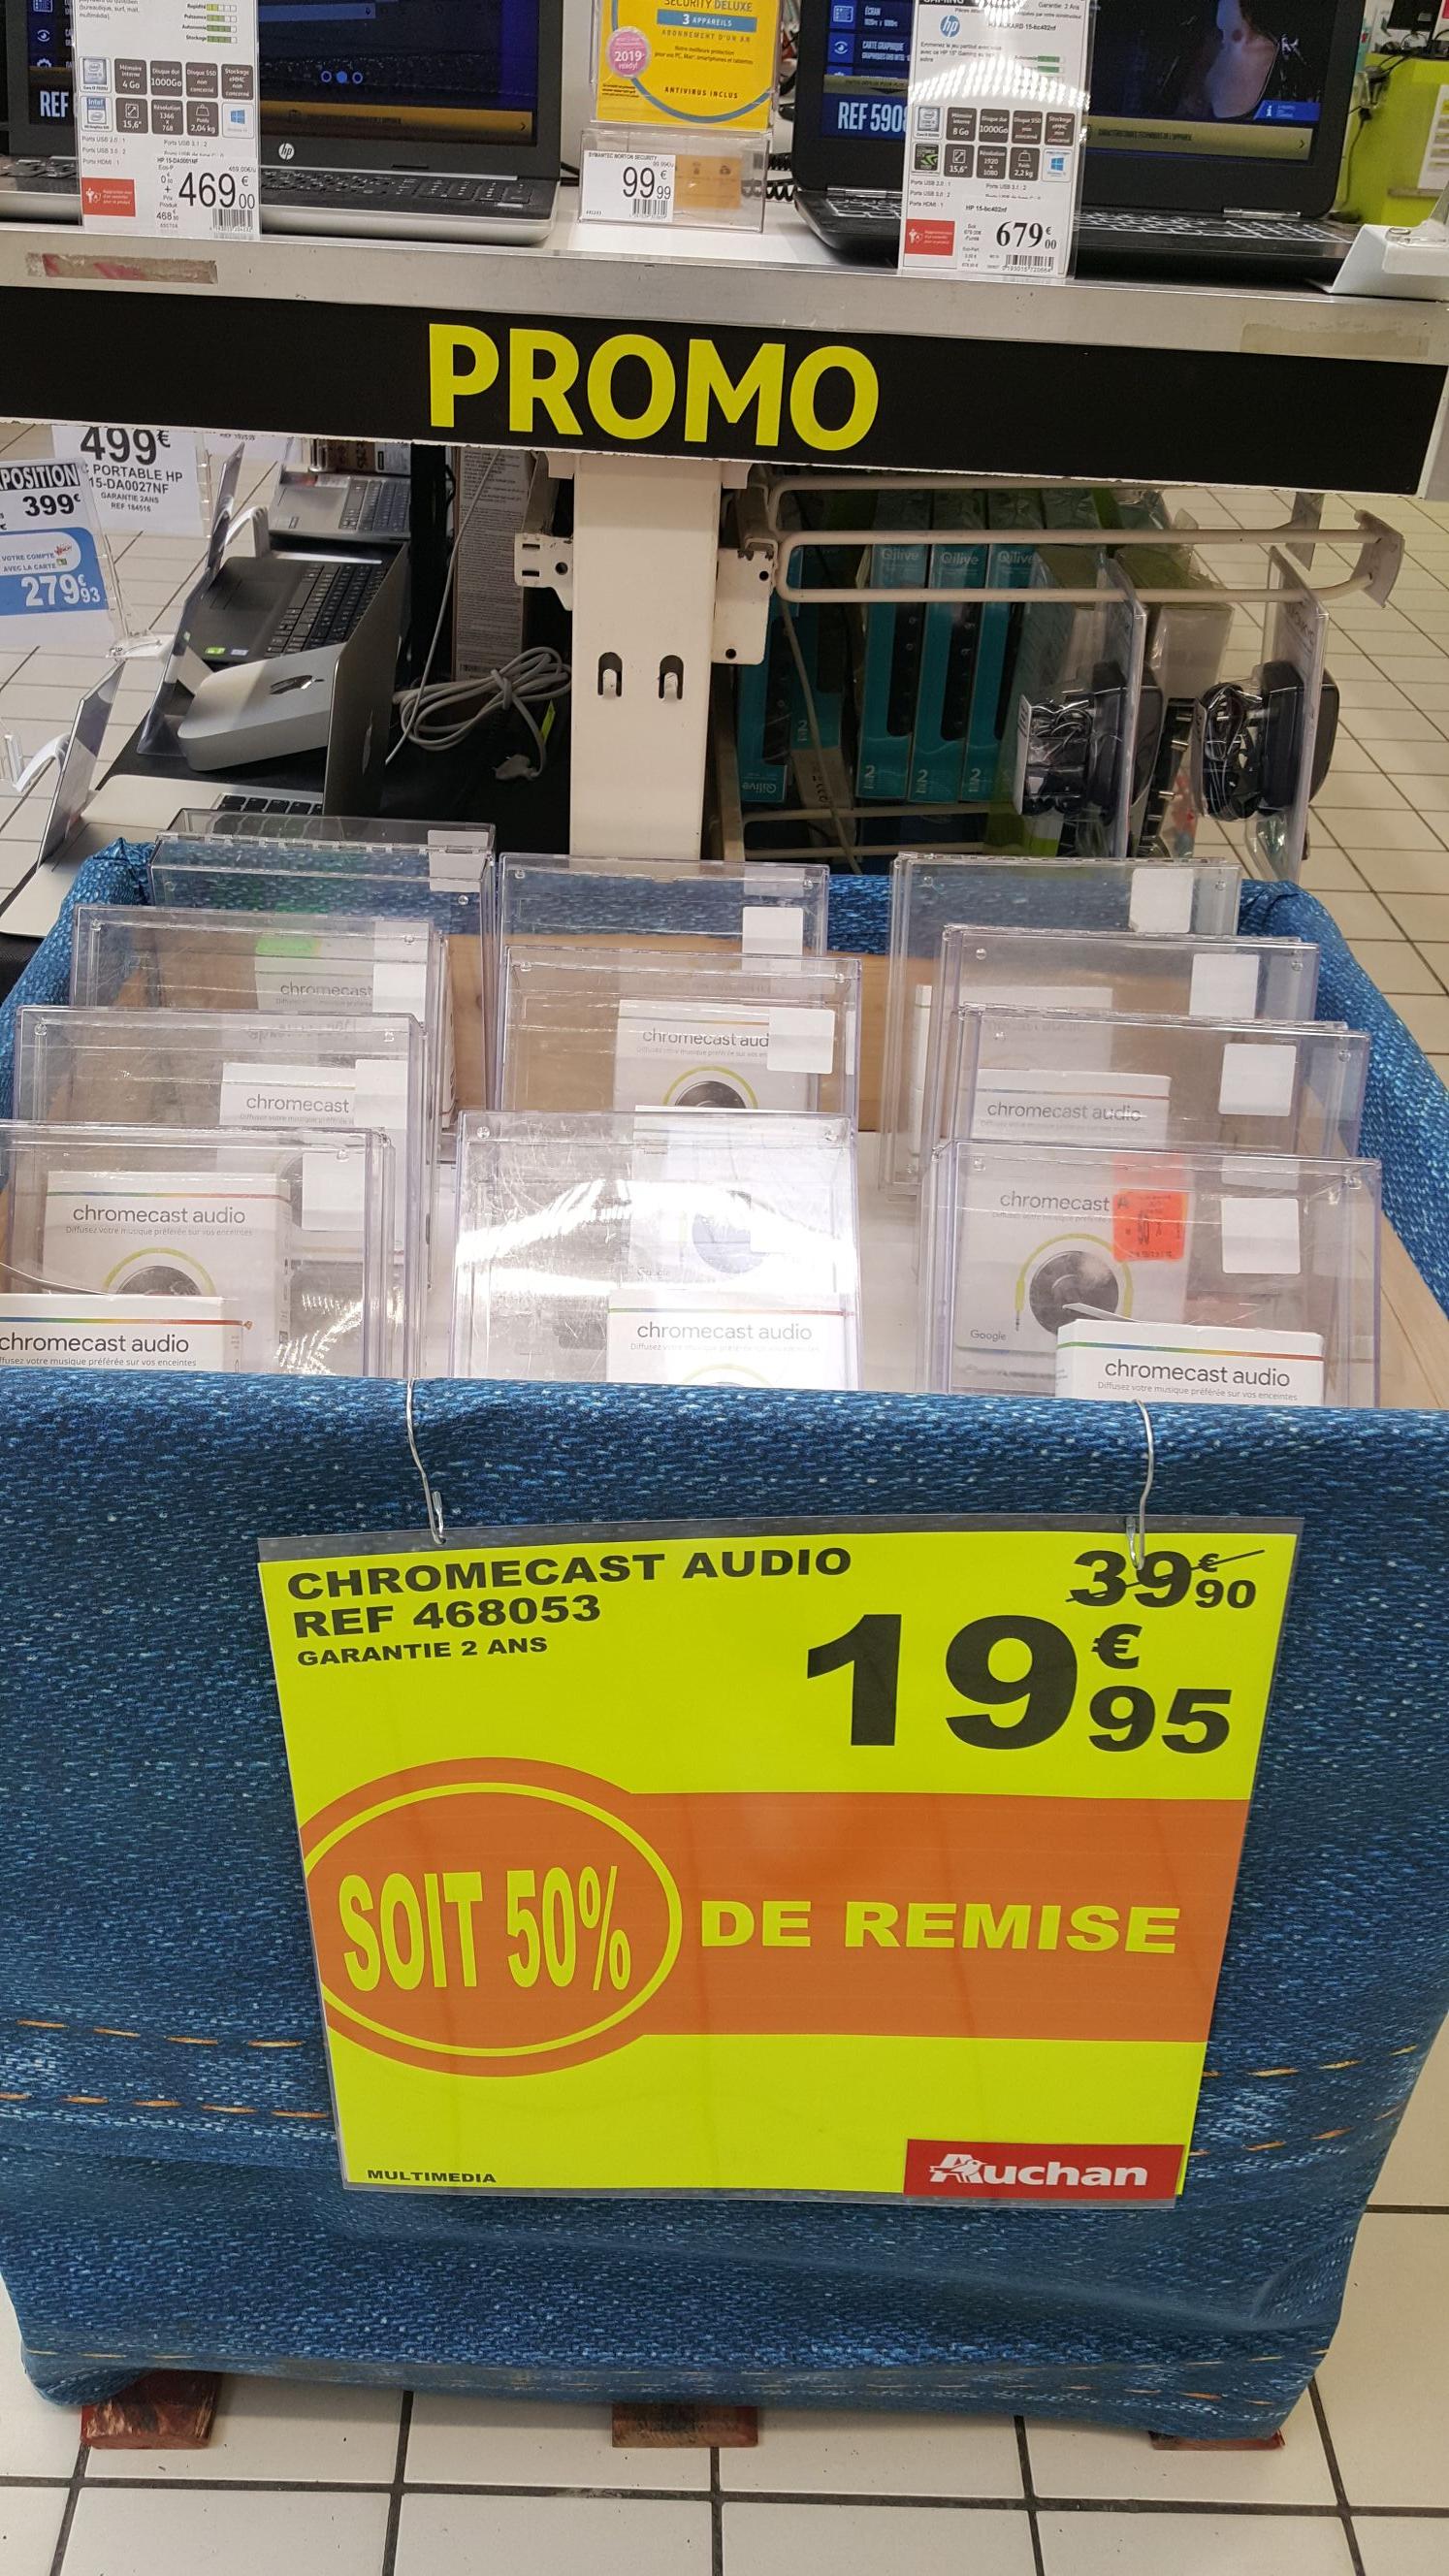 Google Chromecast Audio - Auchan Calais (62)